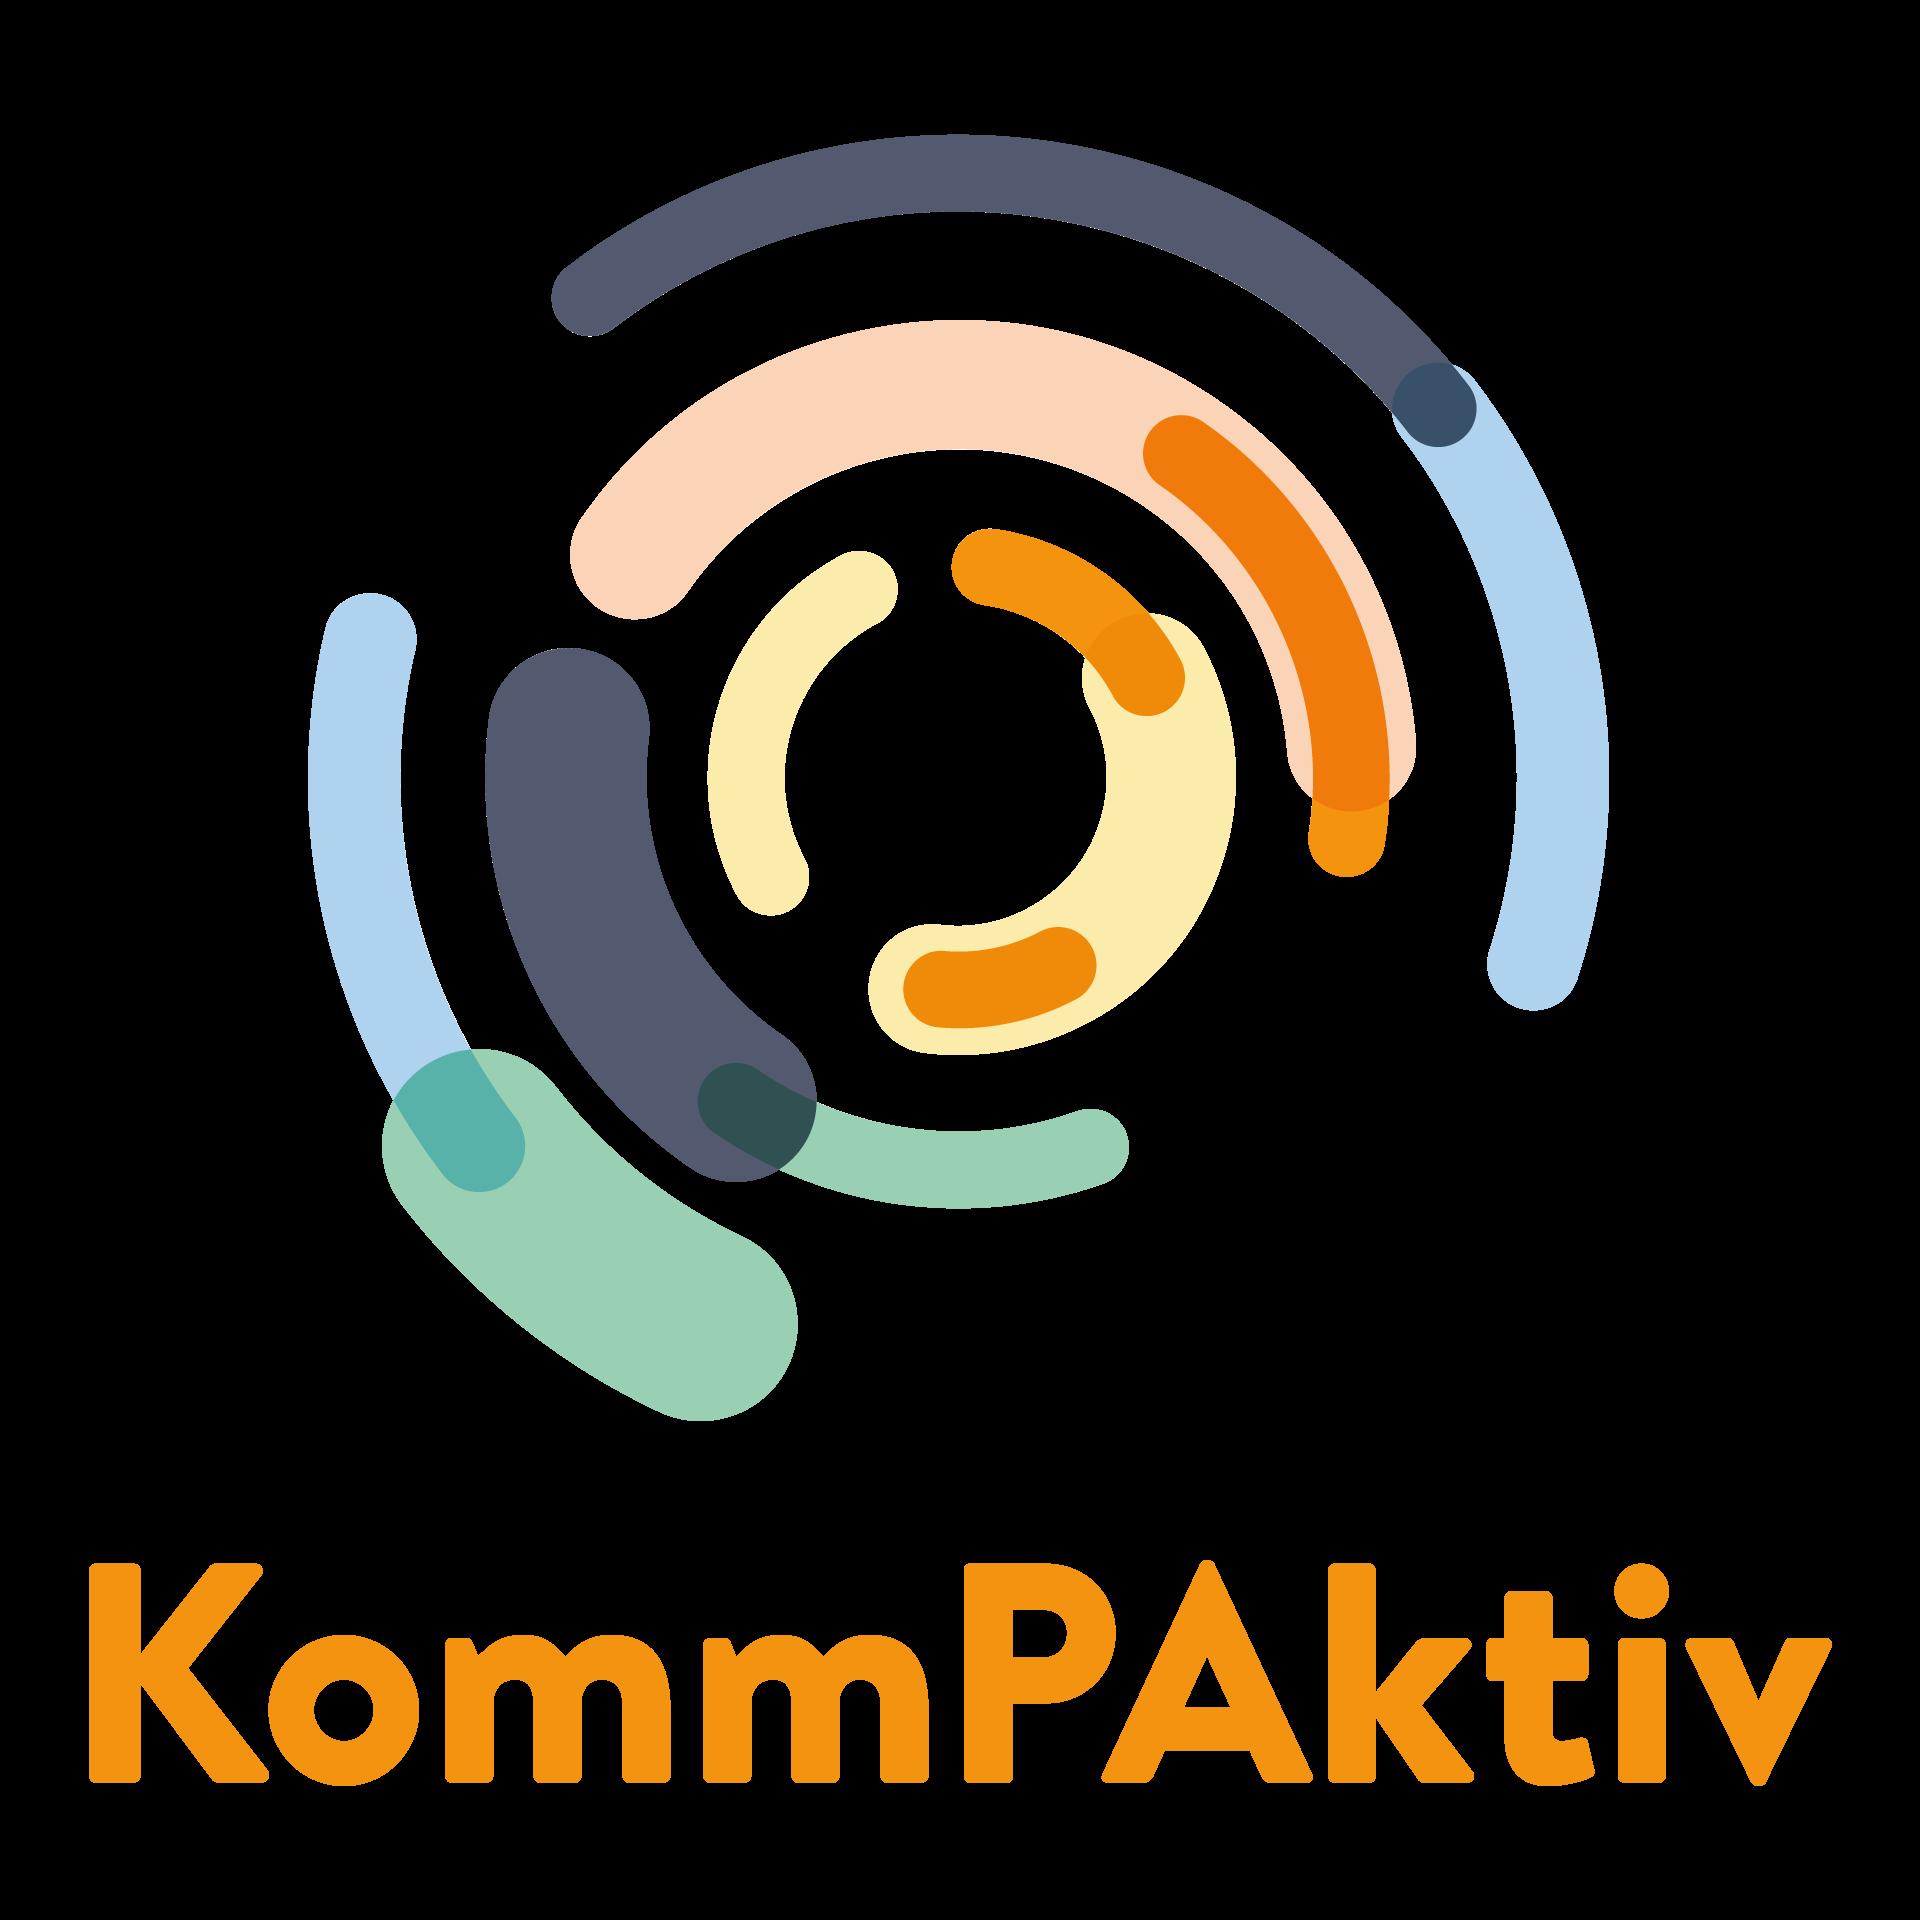 Logo KommPAktiv